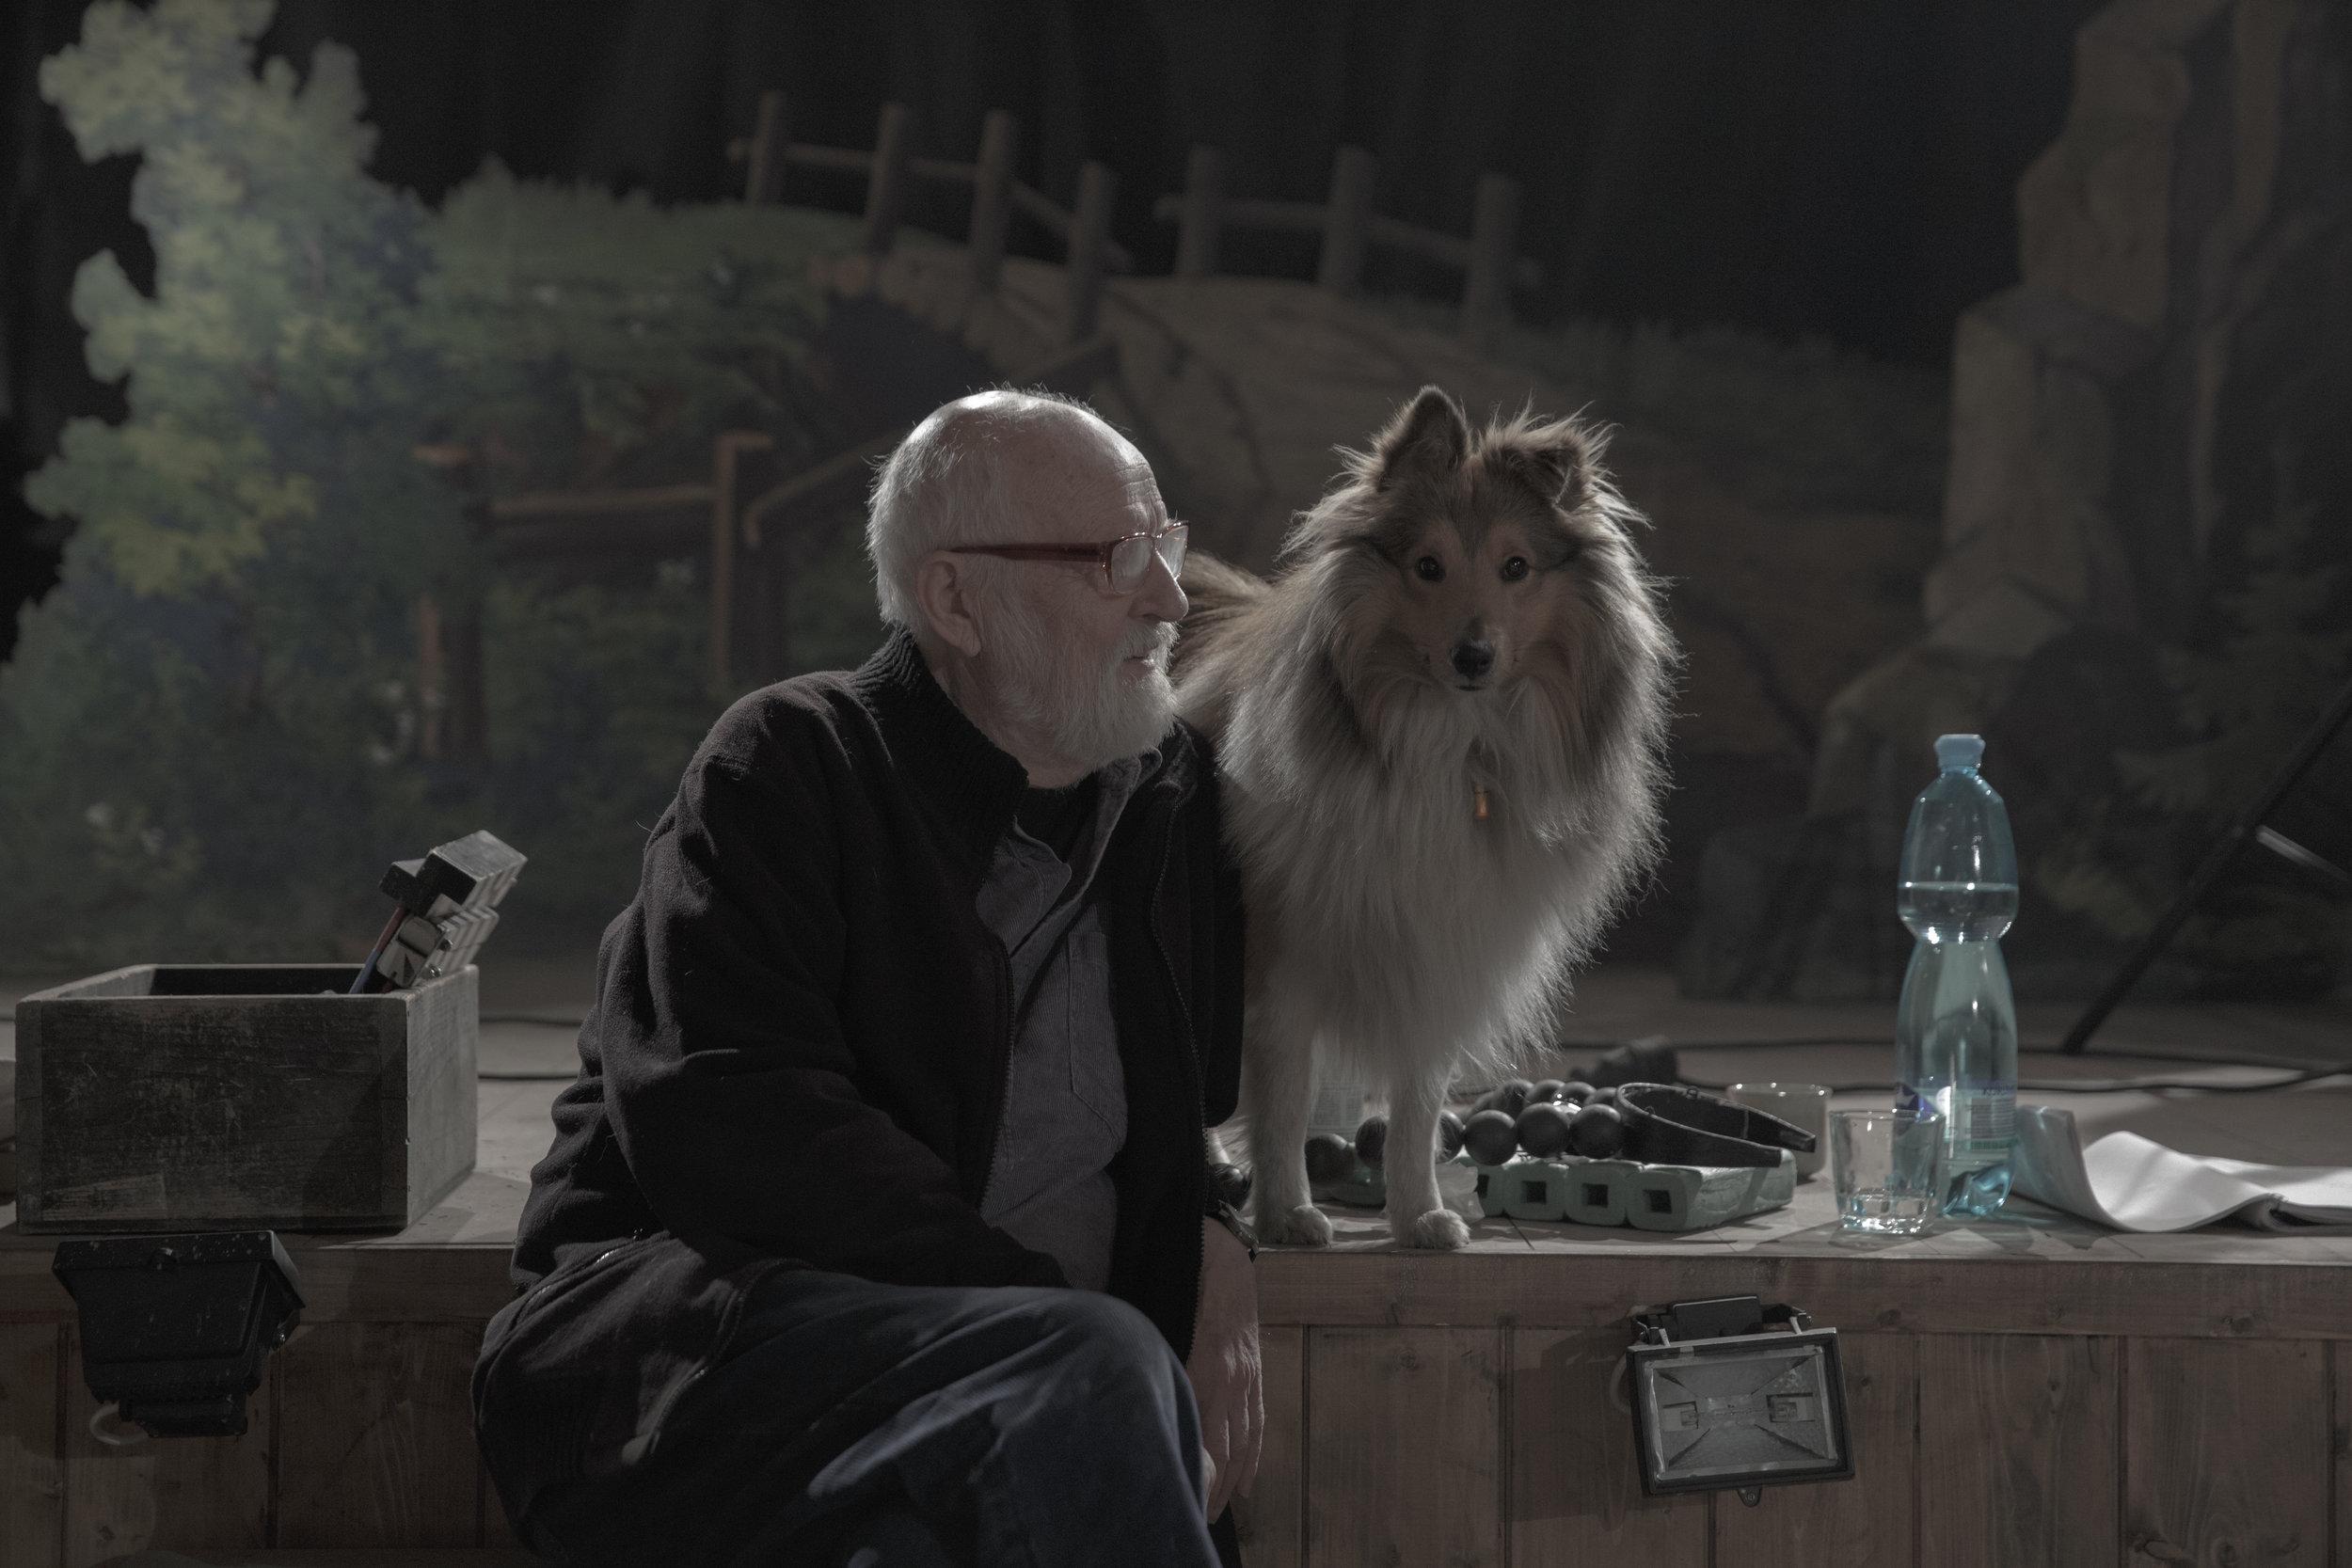 Jan ŠVANKMAJER - Ikona surrealizmu Jan Švankmajer (*1934 Praha, ČSR), ktorý svojou celoživotnou tvorbou ovplyvnil Tima Burtona či Davida Lyncha a ktorý je jedným z najstarších stále tvoriacich profesionálnych filmárov sveta, prichádza do kín s novým a podľa vlastných slov aj svojím posledným celovečerným filmom.Foto (c) 2017 PubRes, z nakrúcania filmu Hmyz